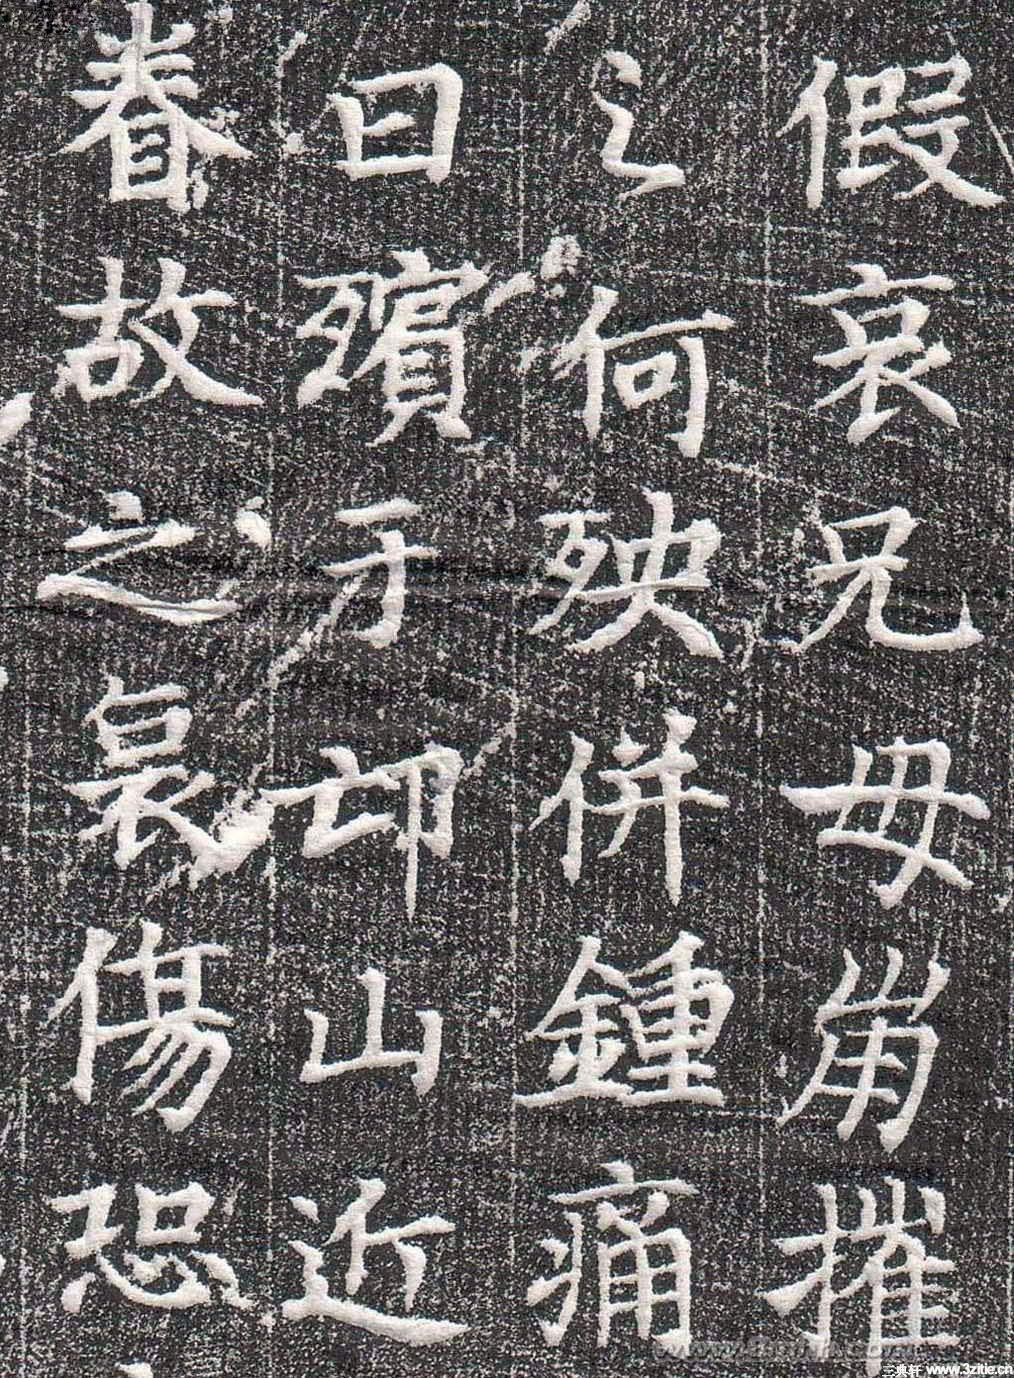 唐代墓志碑文石刻书法《意幼墓志》0009作品欣赏